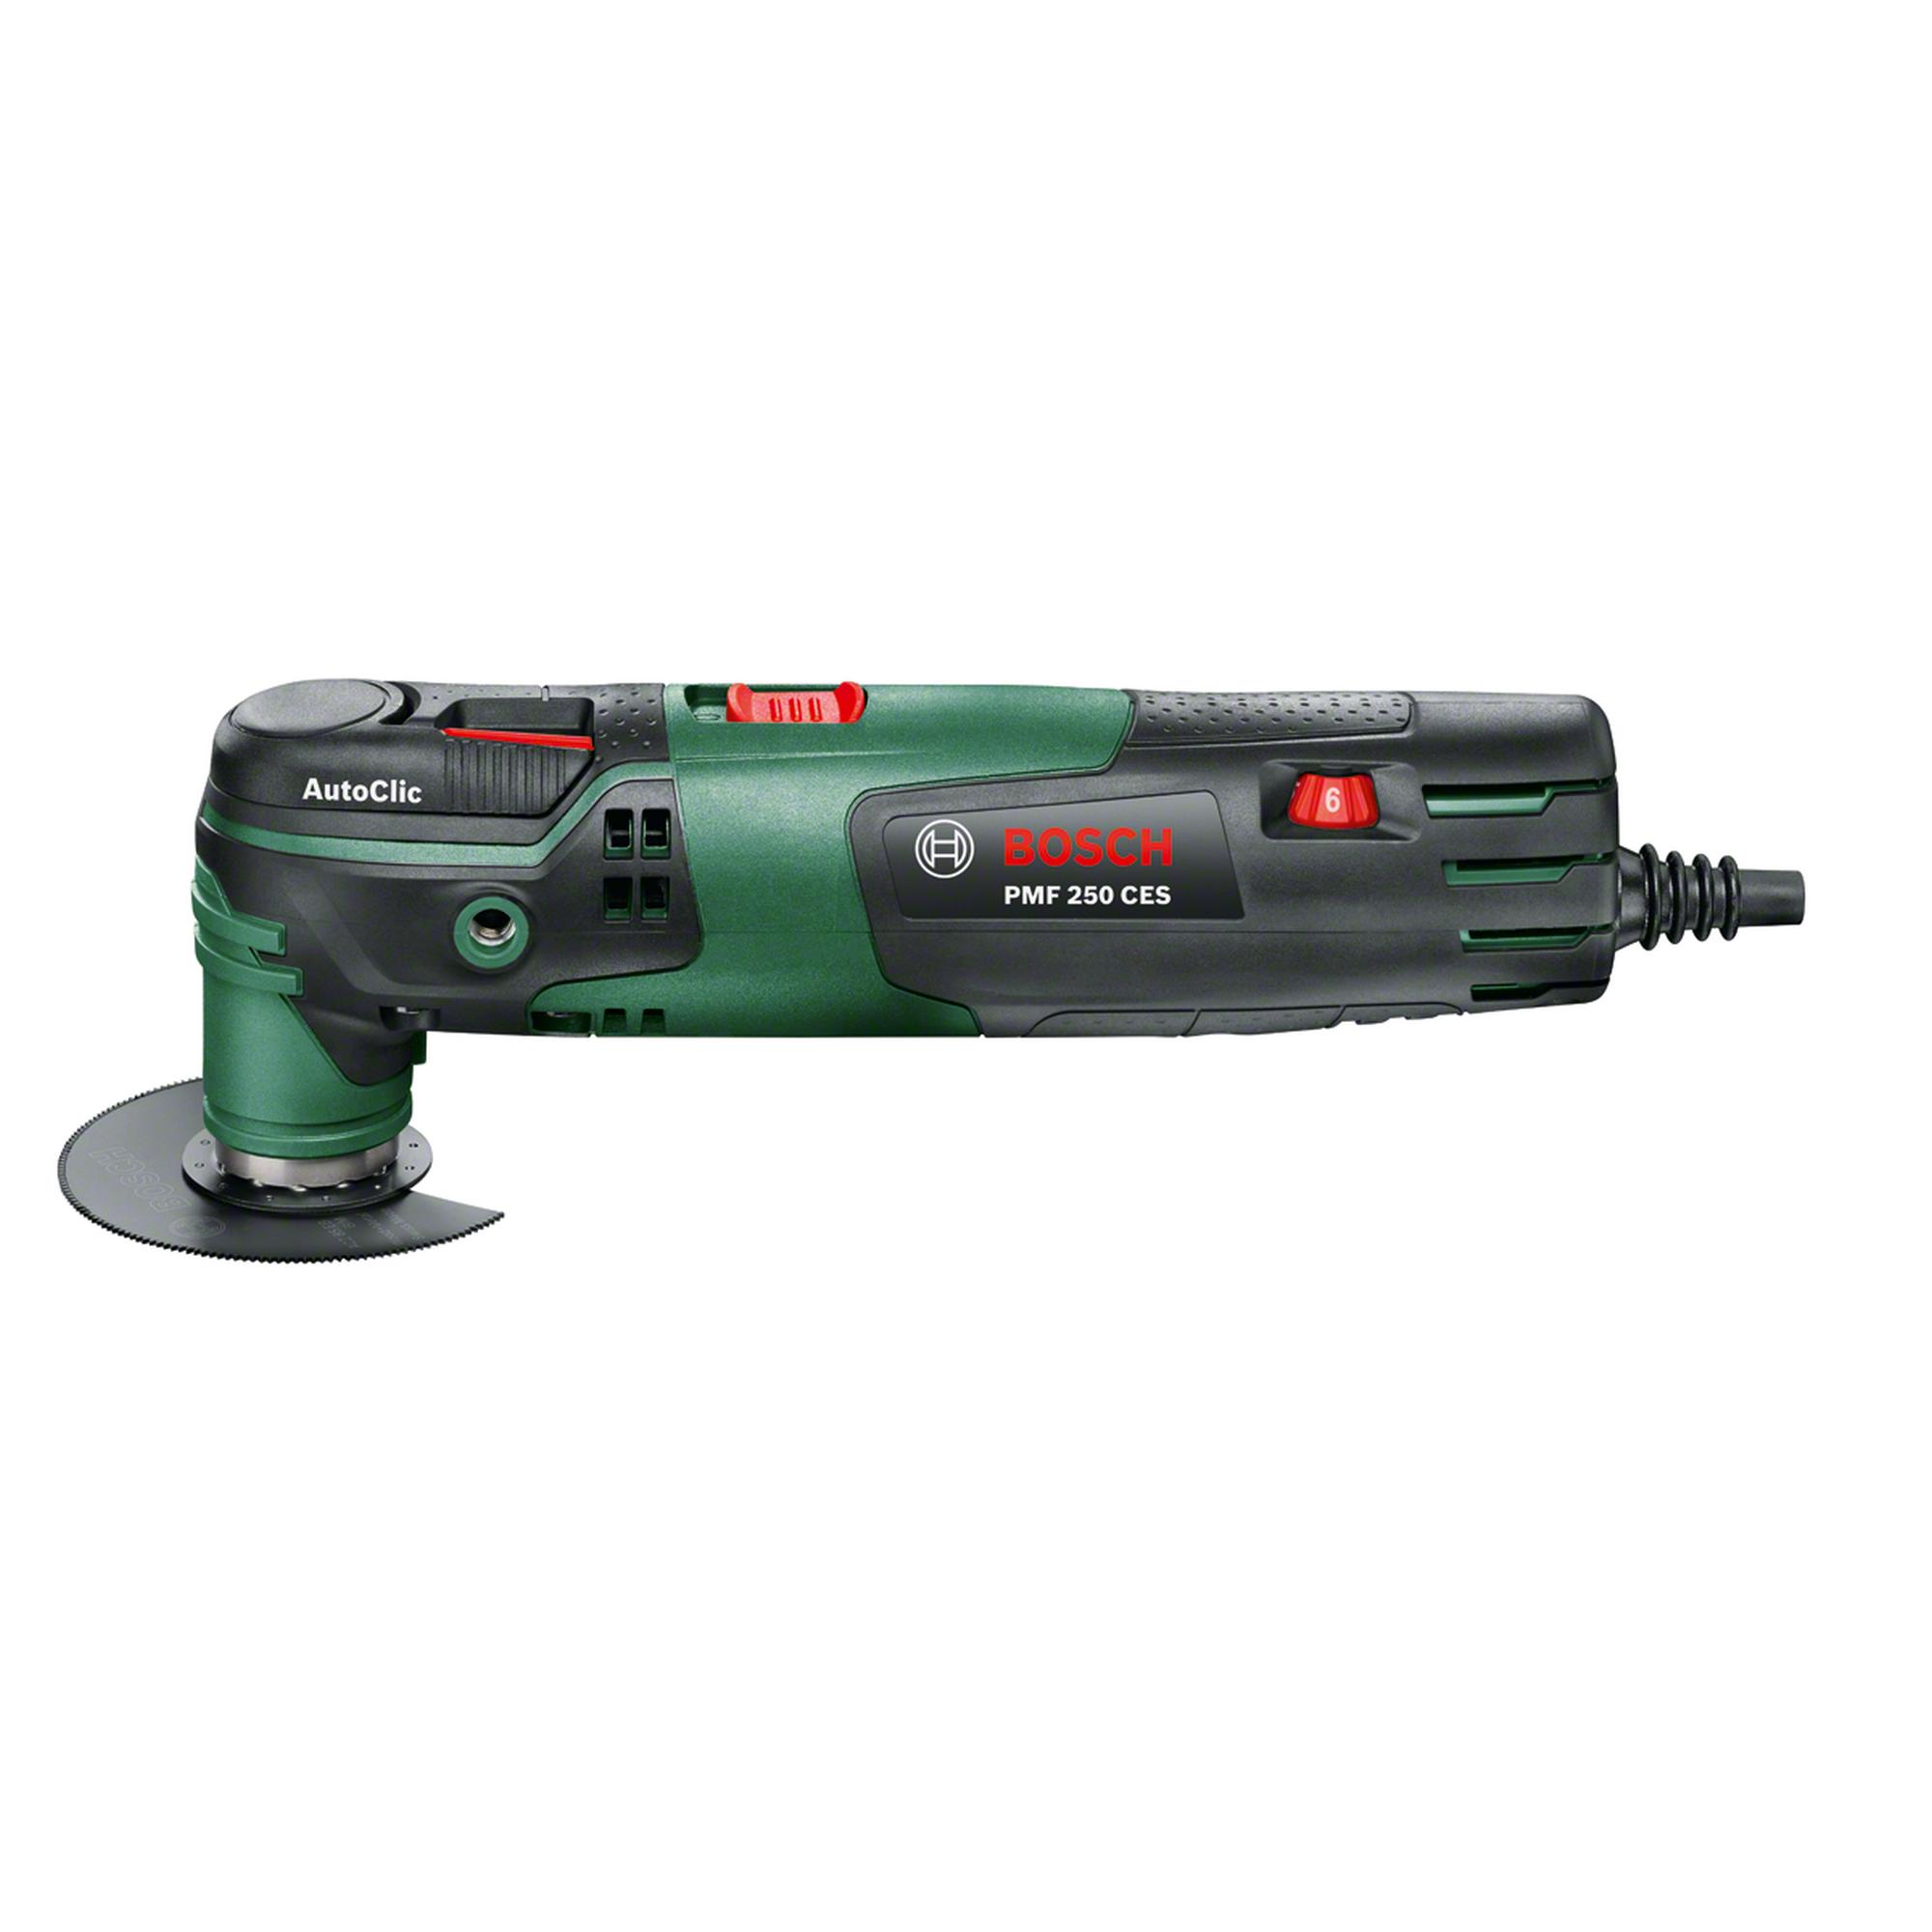 Bosch Multifunktionswerkzeug 'PMF 250 CES' inkl. Zubehör ǀ